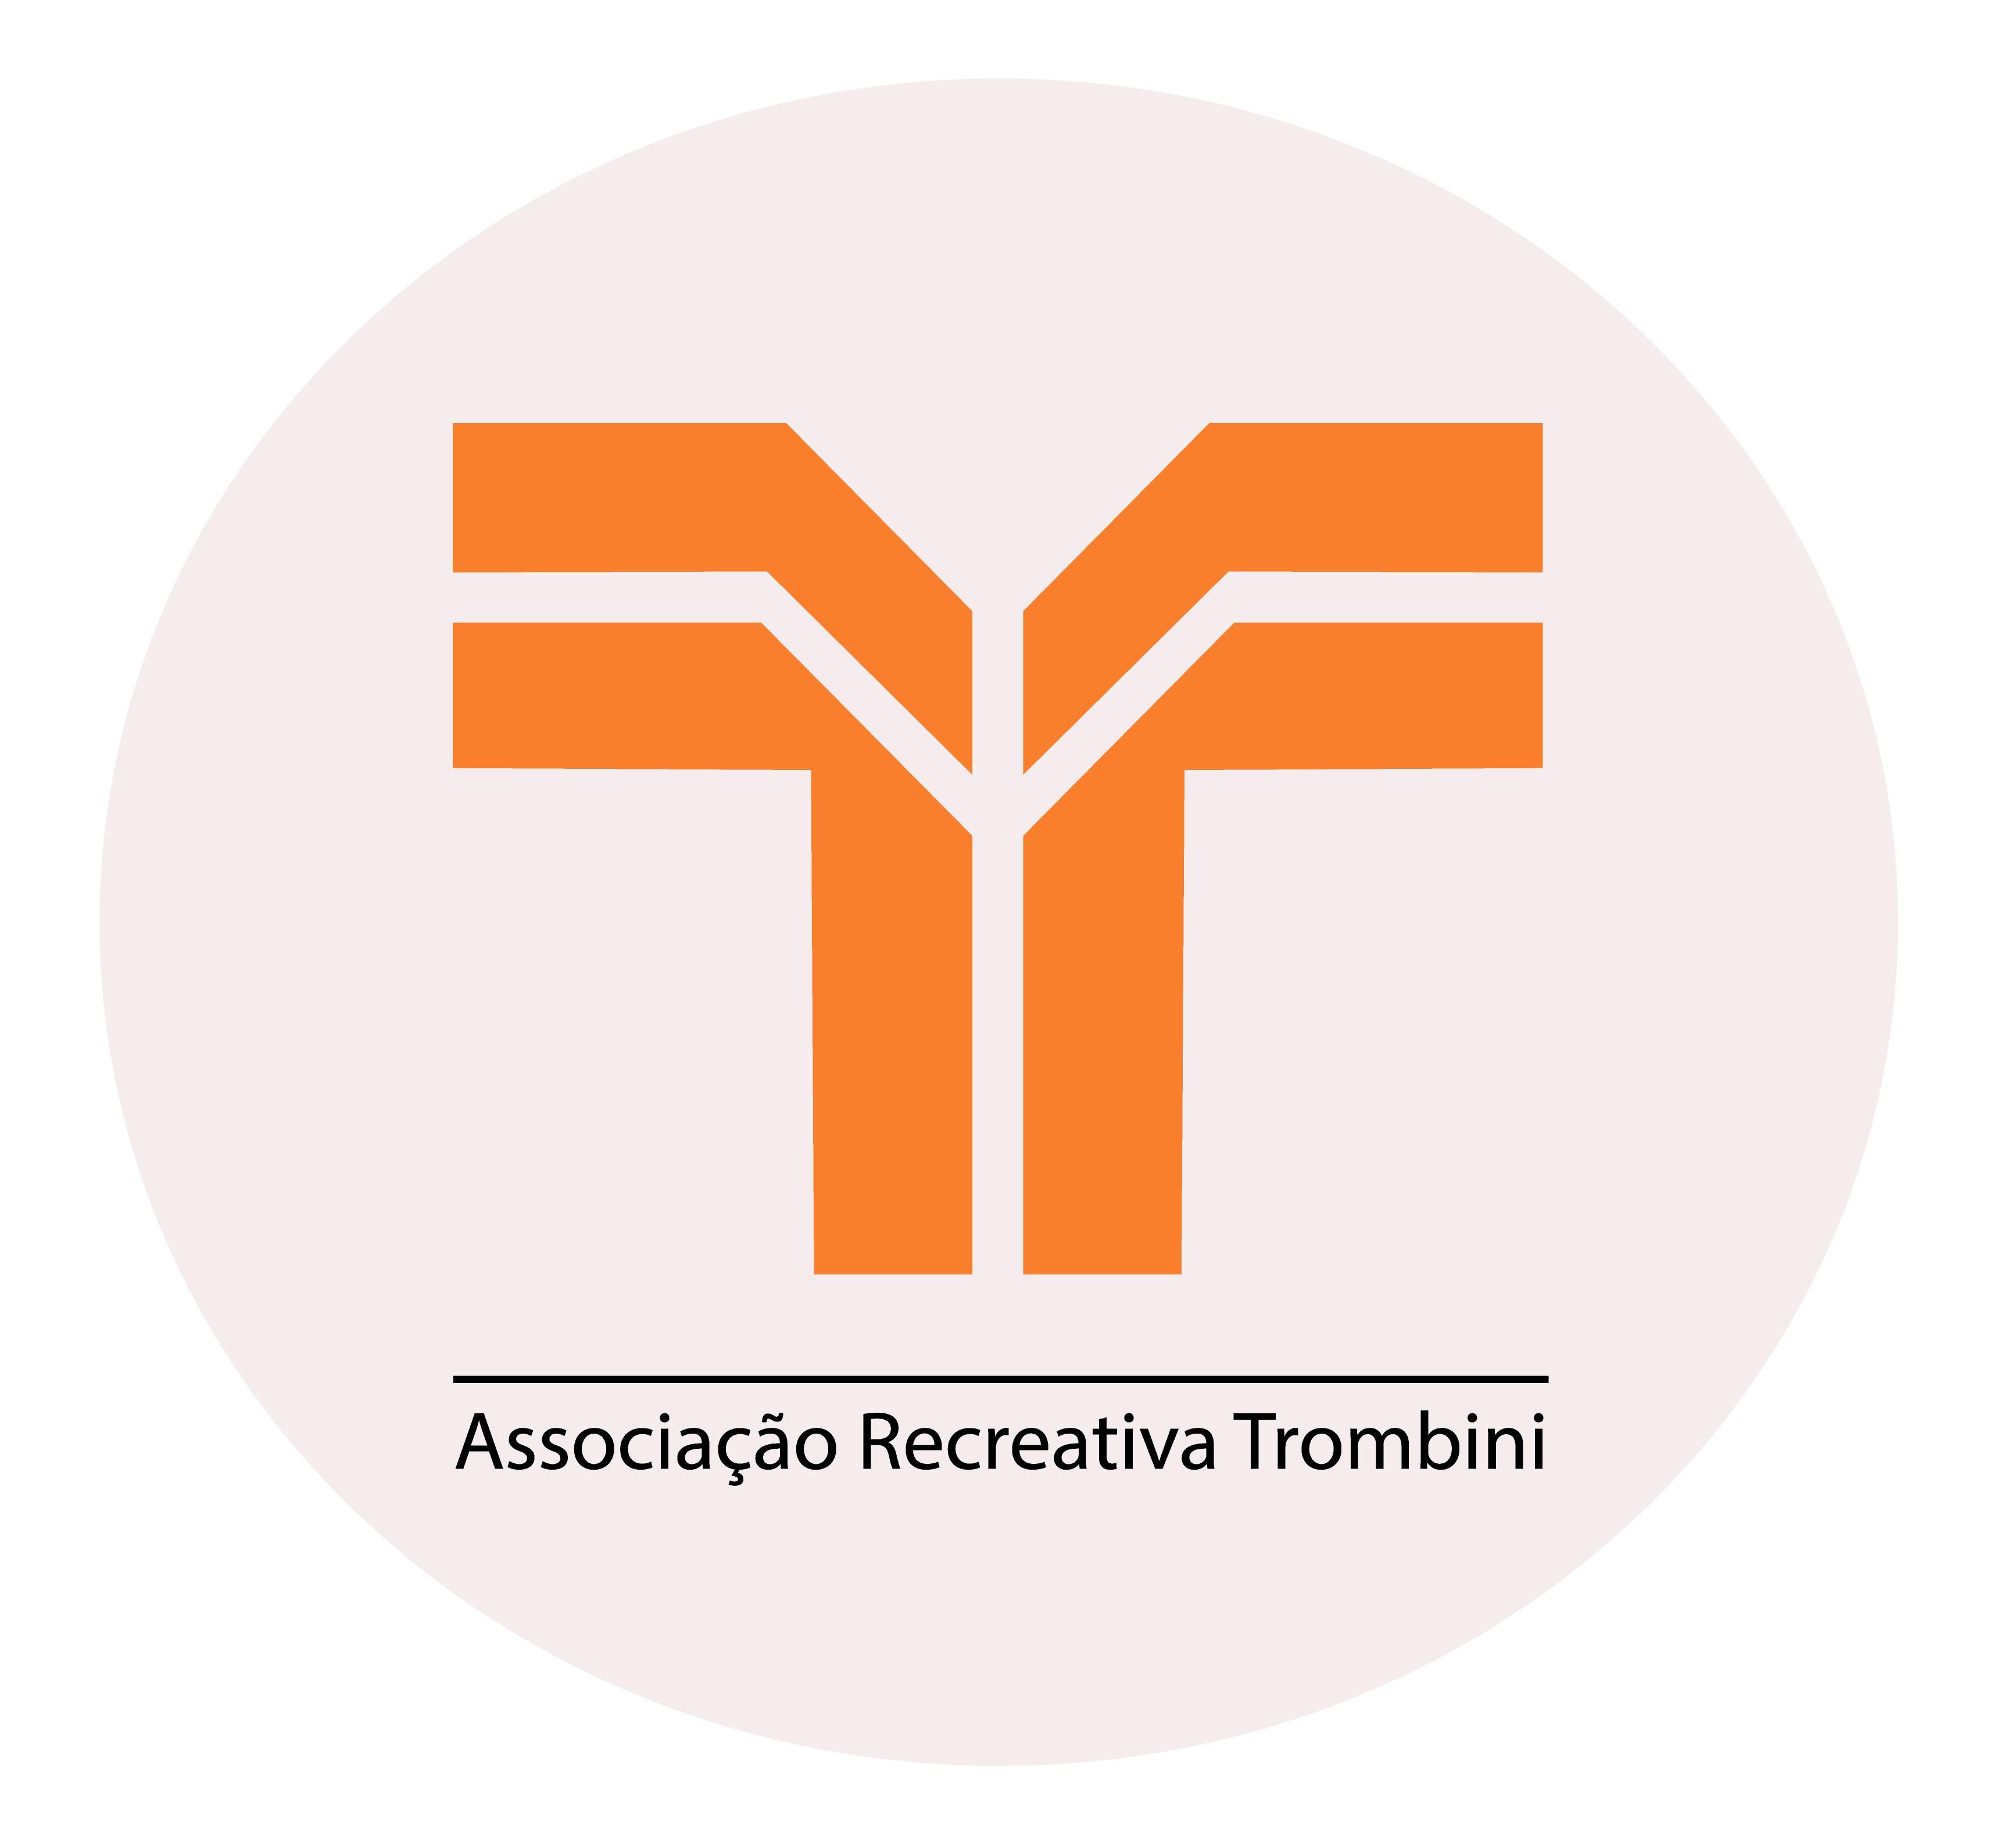 ASSOCIA��O RECREATIVA TROMBINI